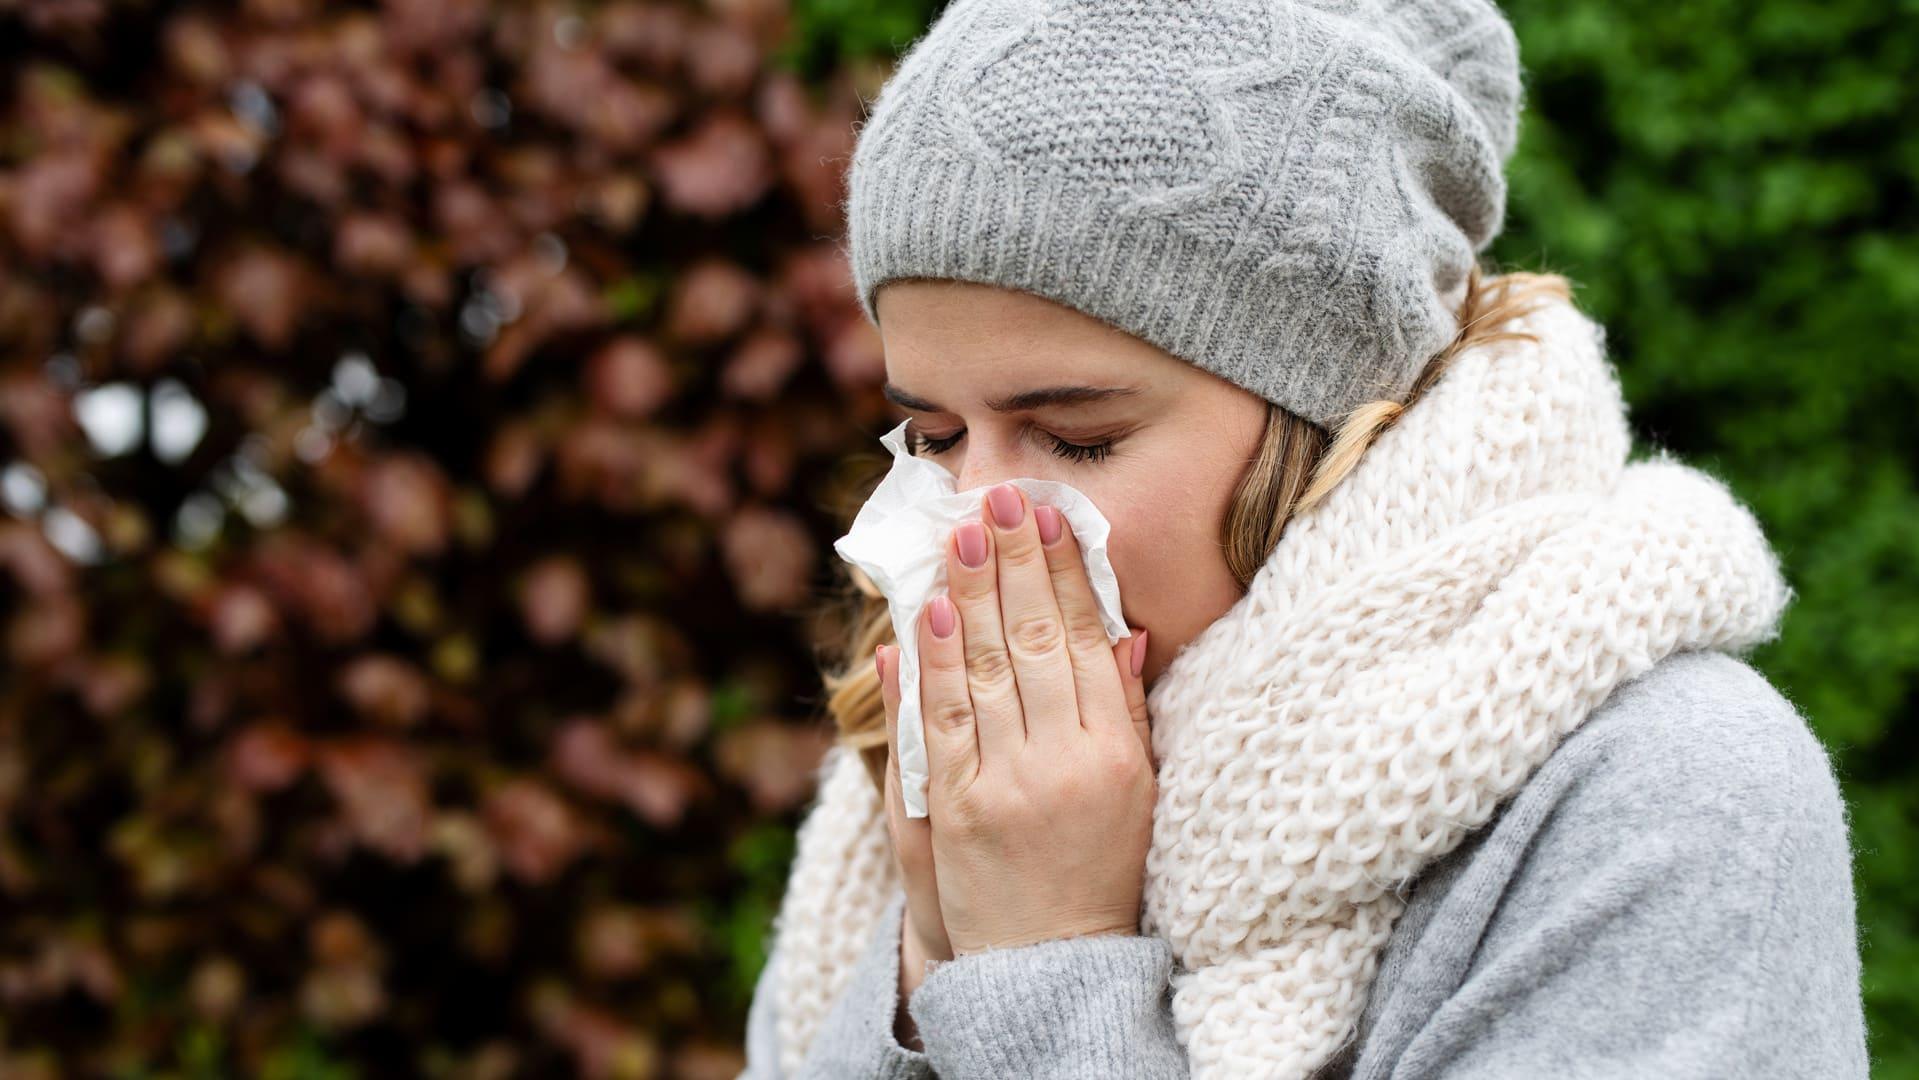 Warum läuft die Nase, wenn es kalt ist?